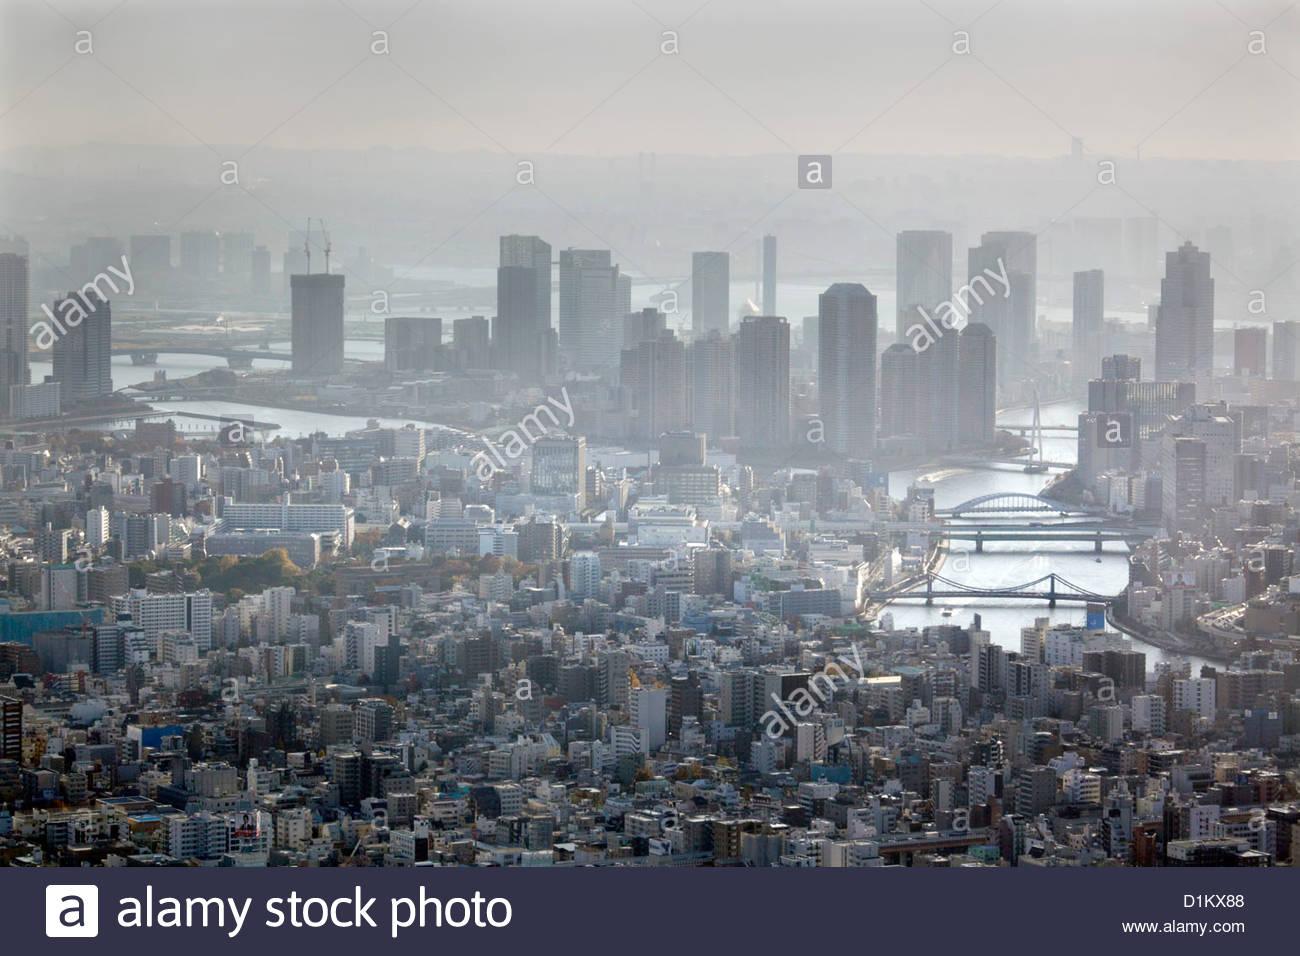 Vista aerea Tokyo alto-aumento riverside edifici di appartamenti e il fiume Sumida Immagini Stock